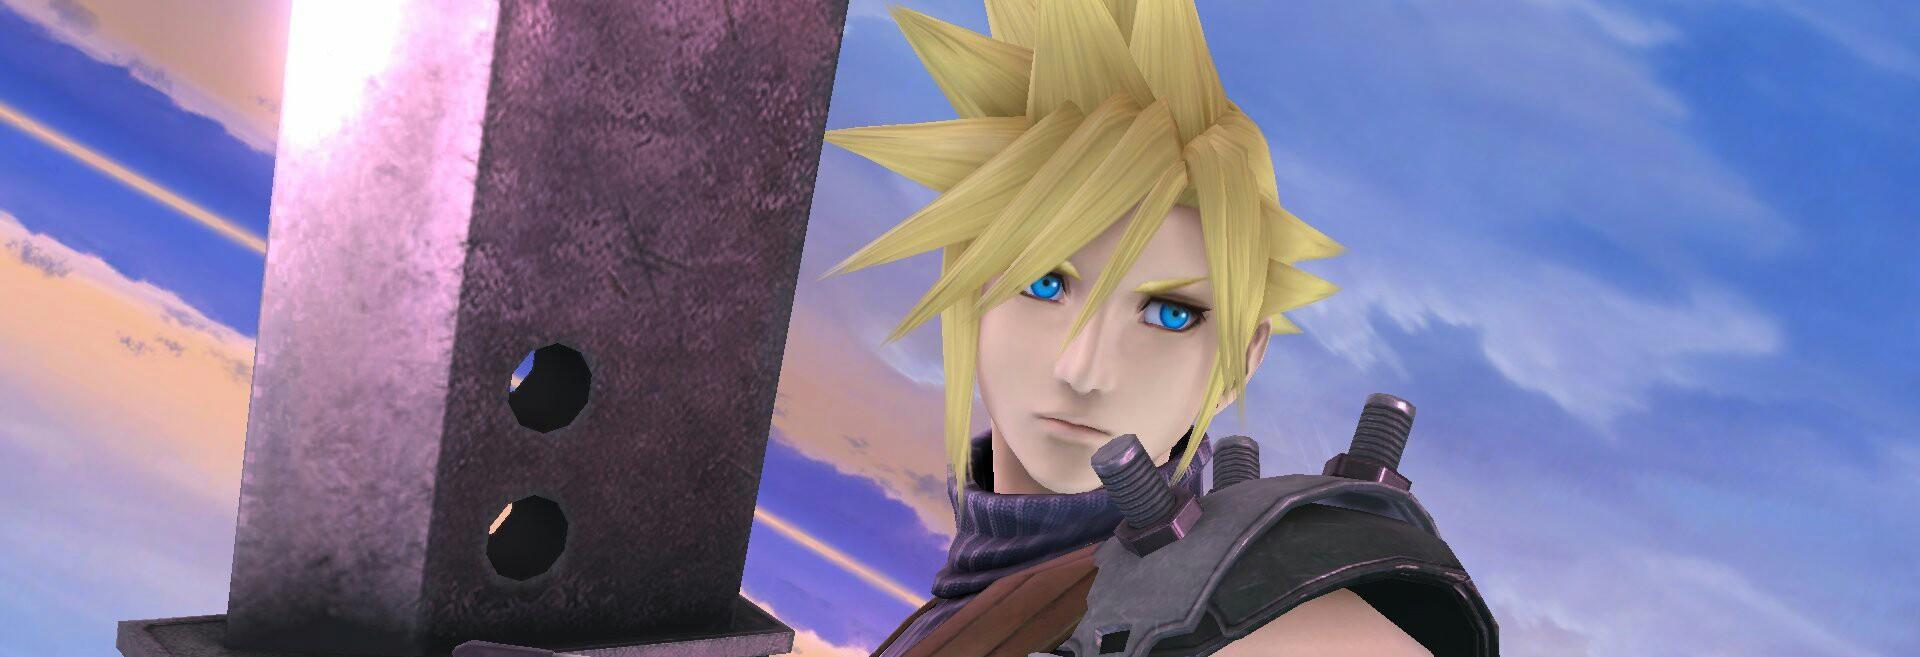 Super Smash Bros gameplay Cloud y Bayonetta